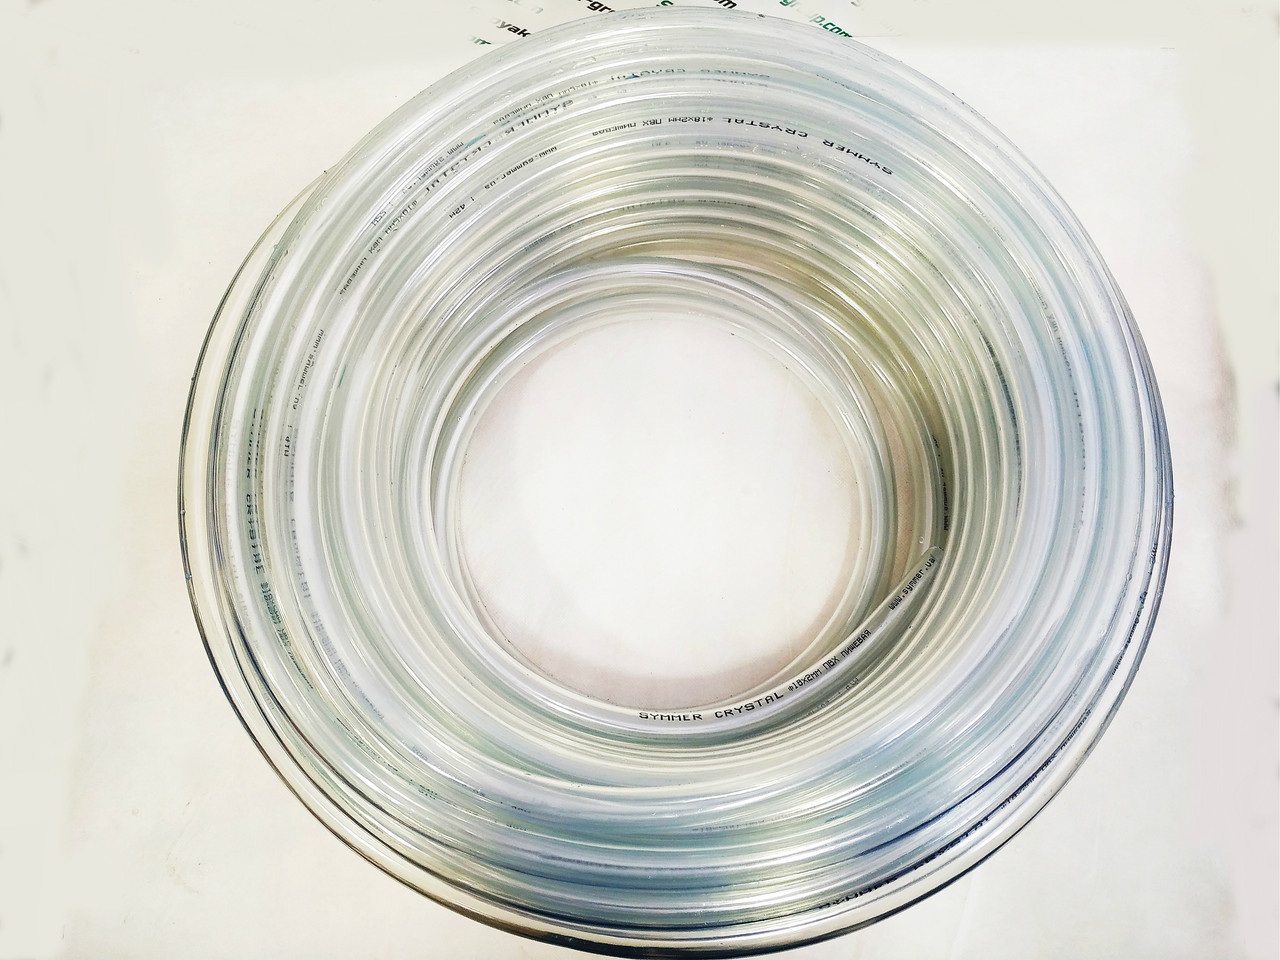 Шланг ПВХ Symmer Ø 20мм. высокого давления прозрачный пищевой (универсальный) 50м.